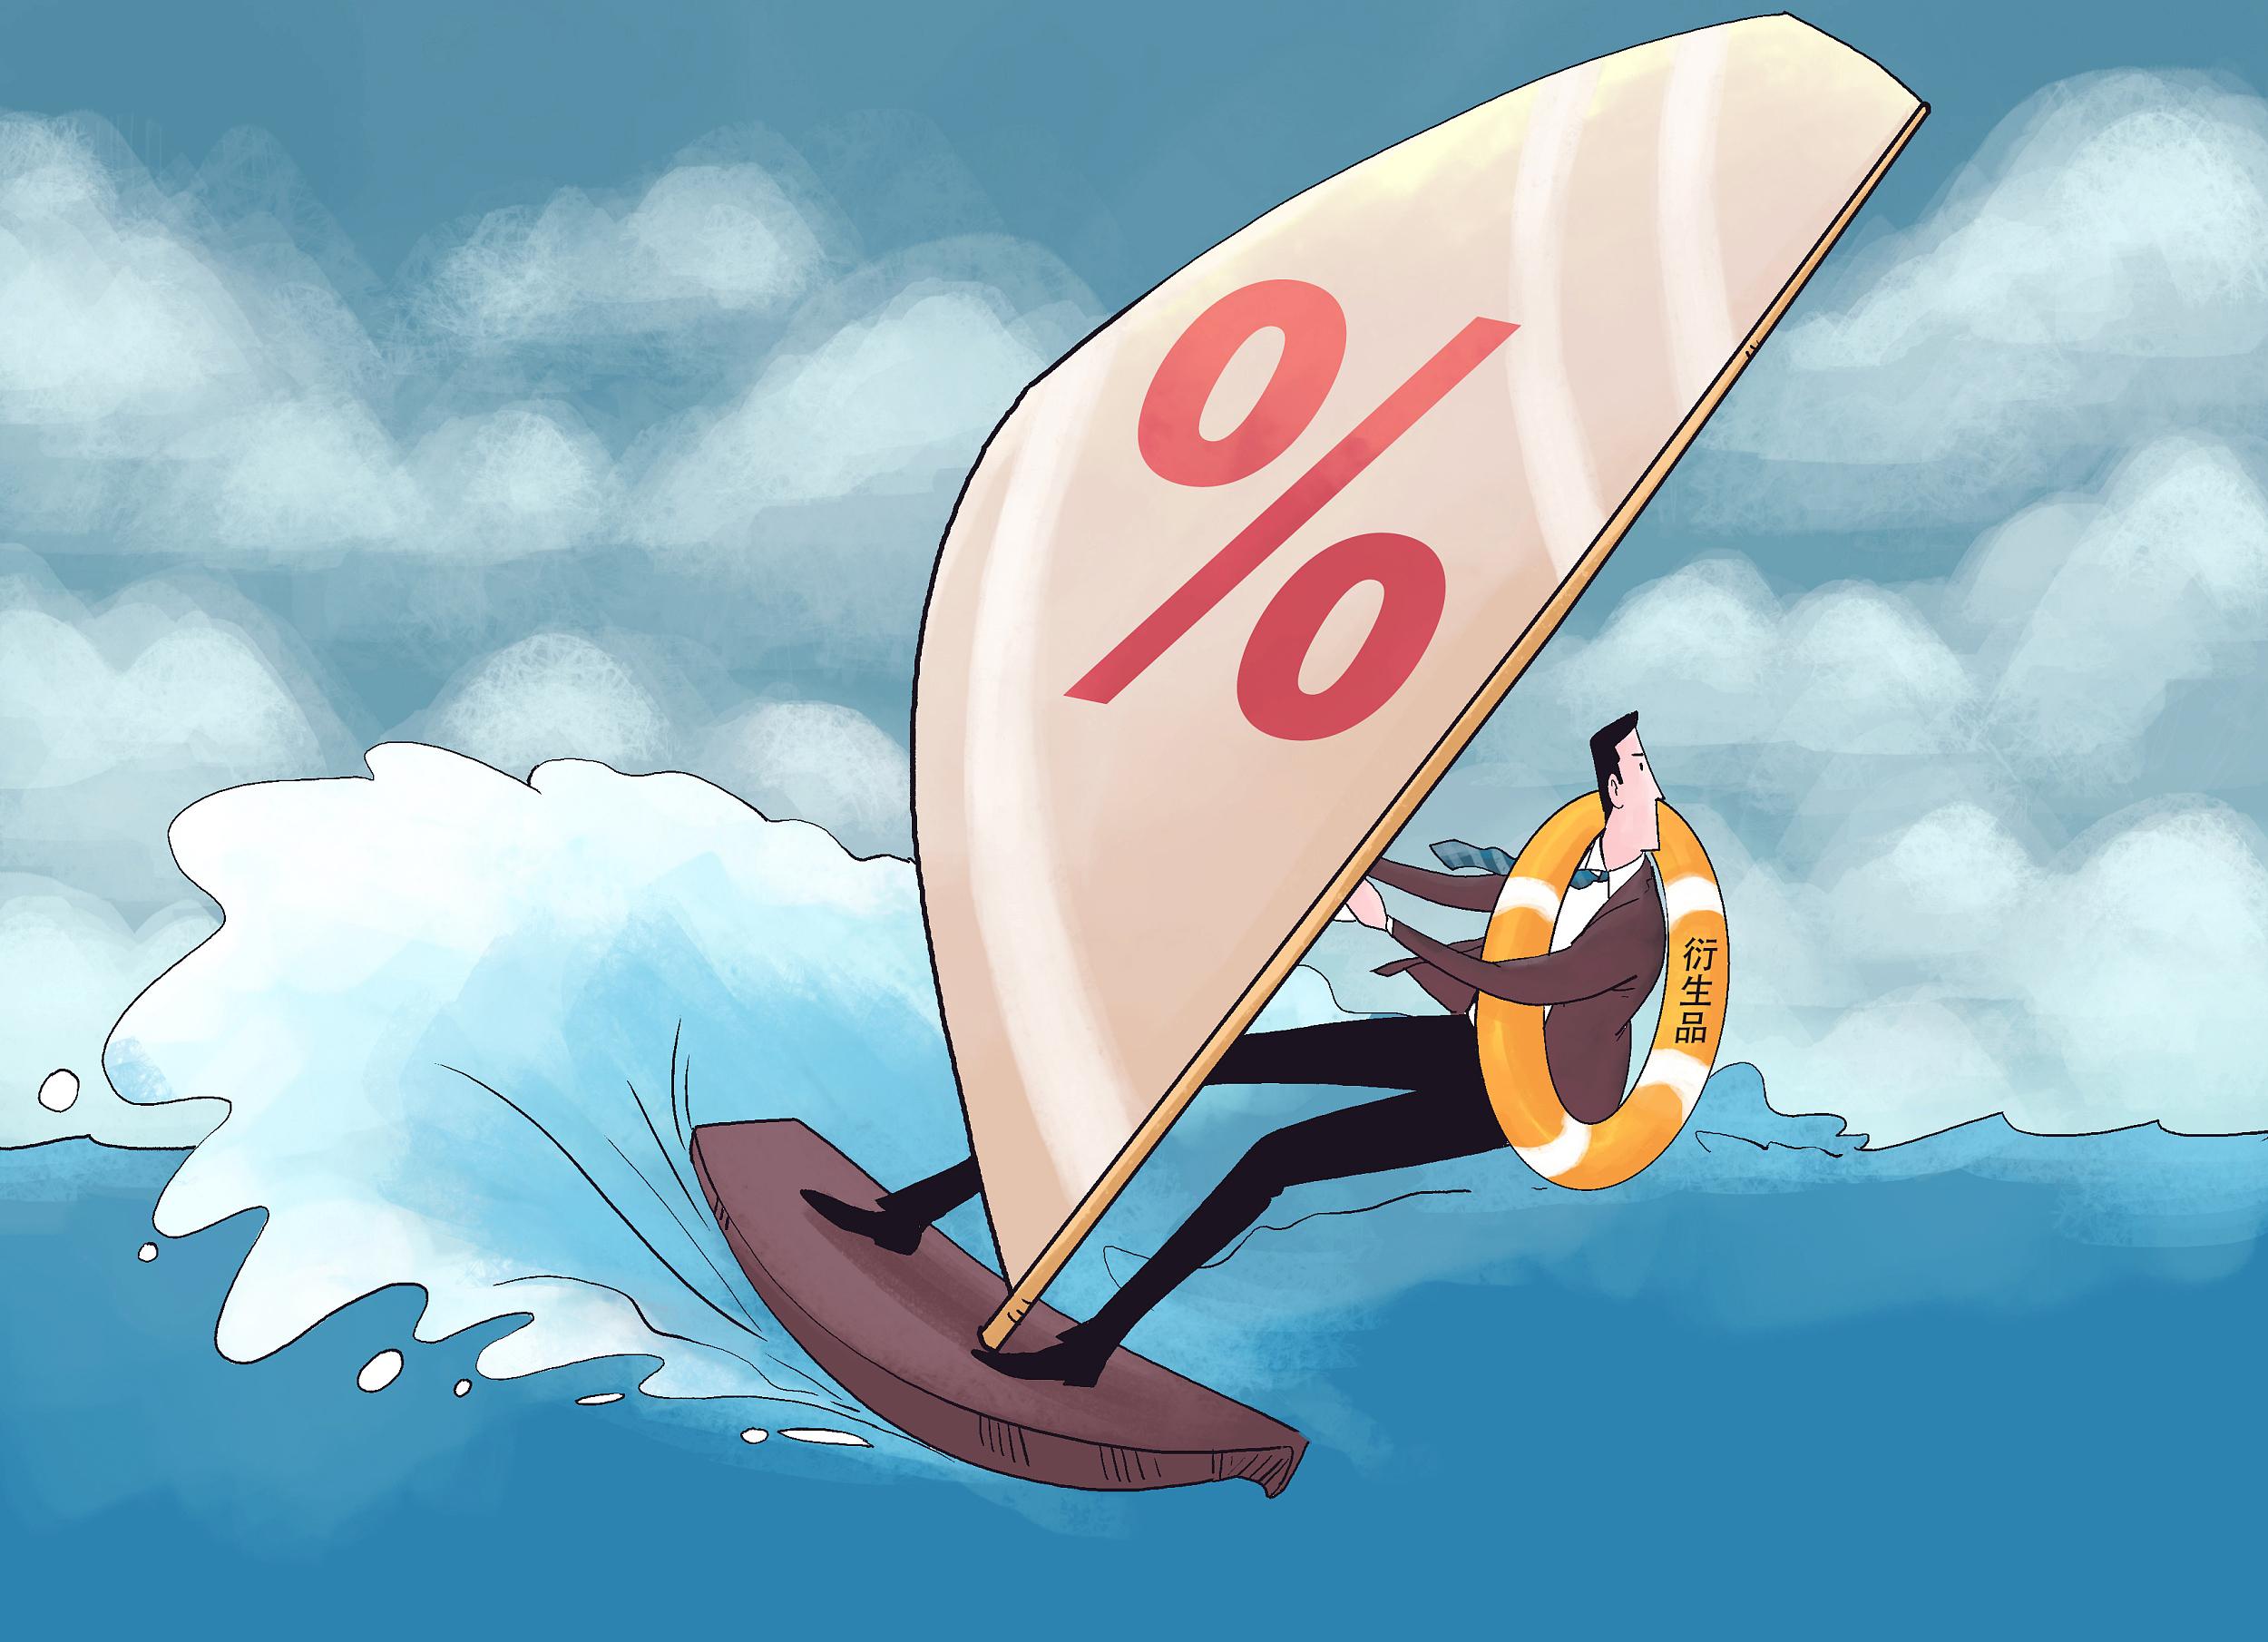 理财型保险都是套路吗?